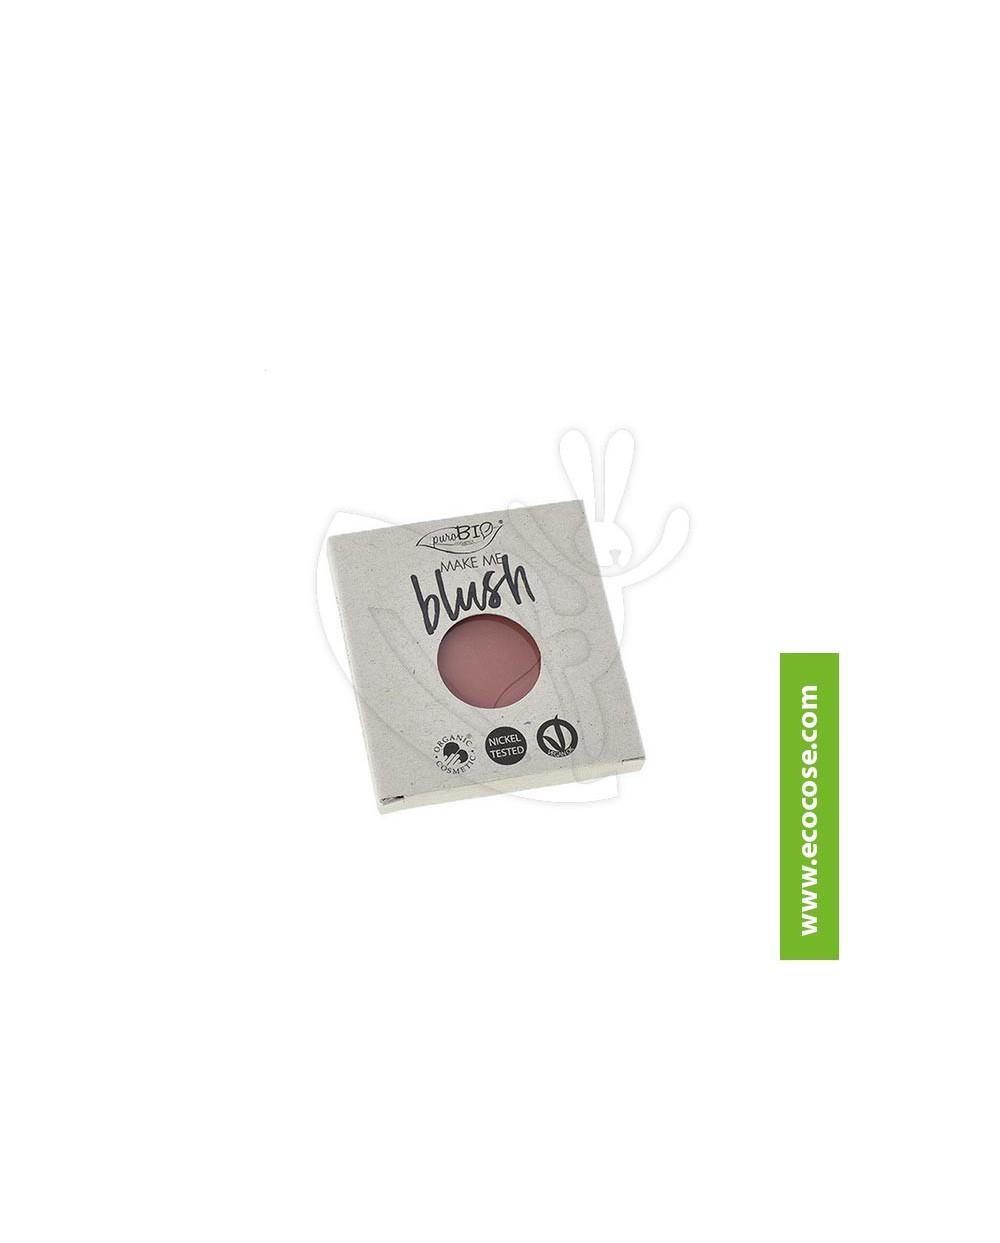 PuroBIO Cosmetics - Blush 06 Cherry Blossom - REFILL